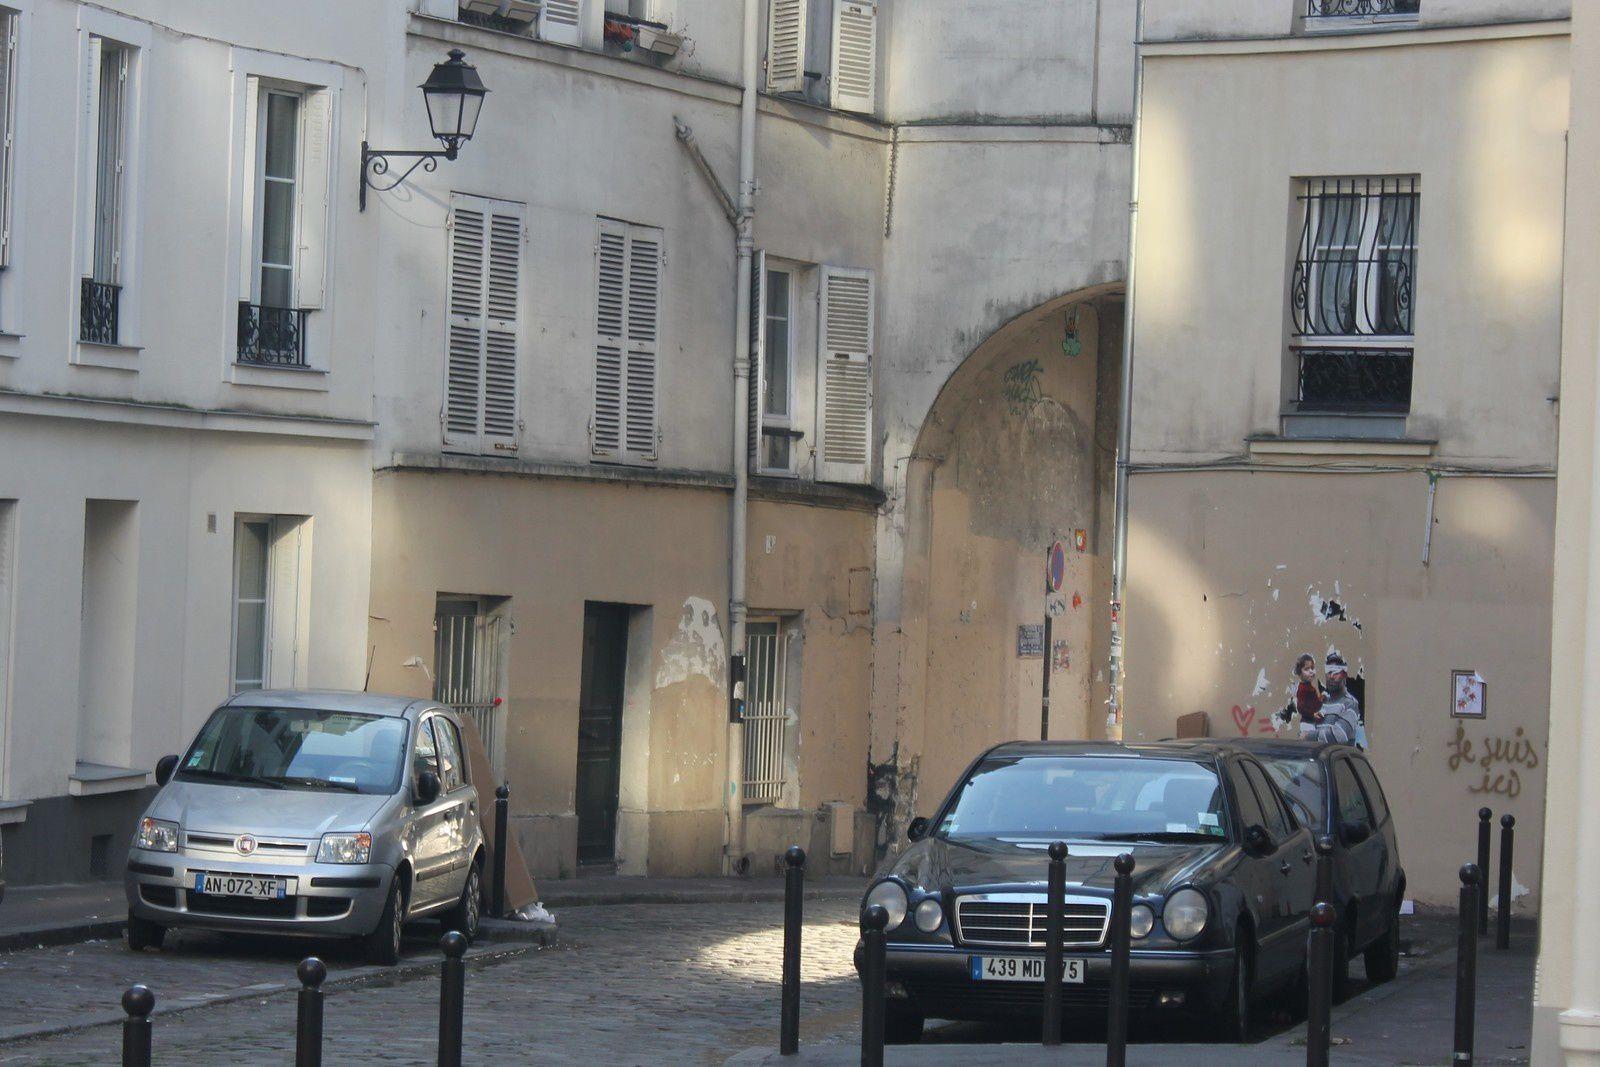 Passage des Abbesses. Montmartre. Crimes et faits divers.